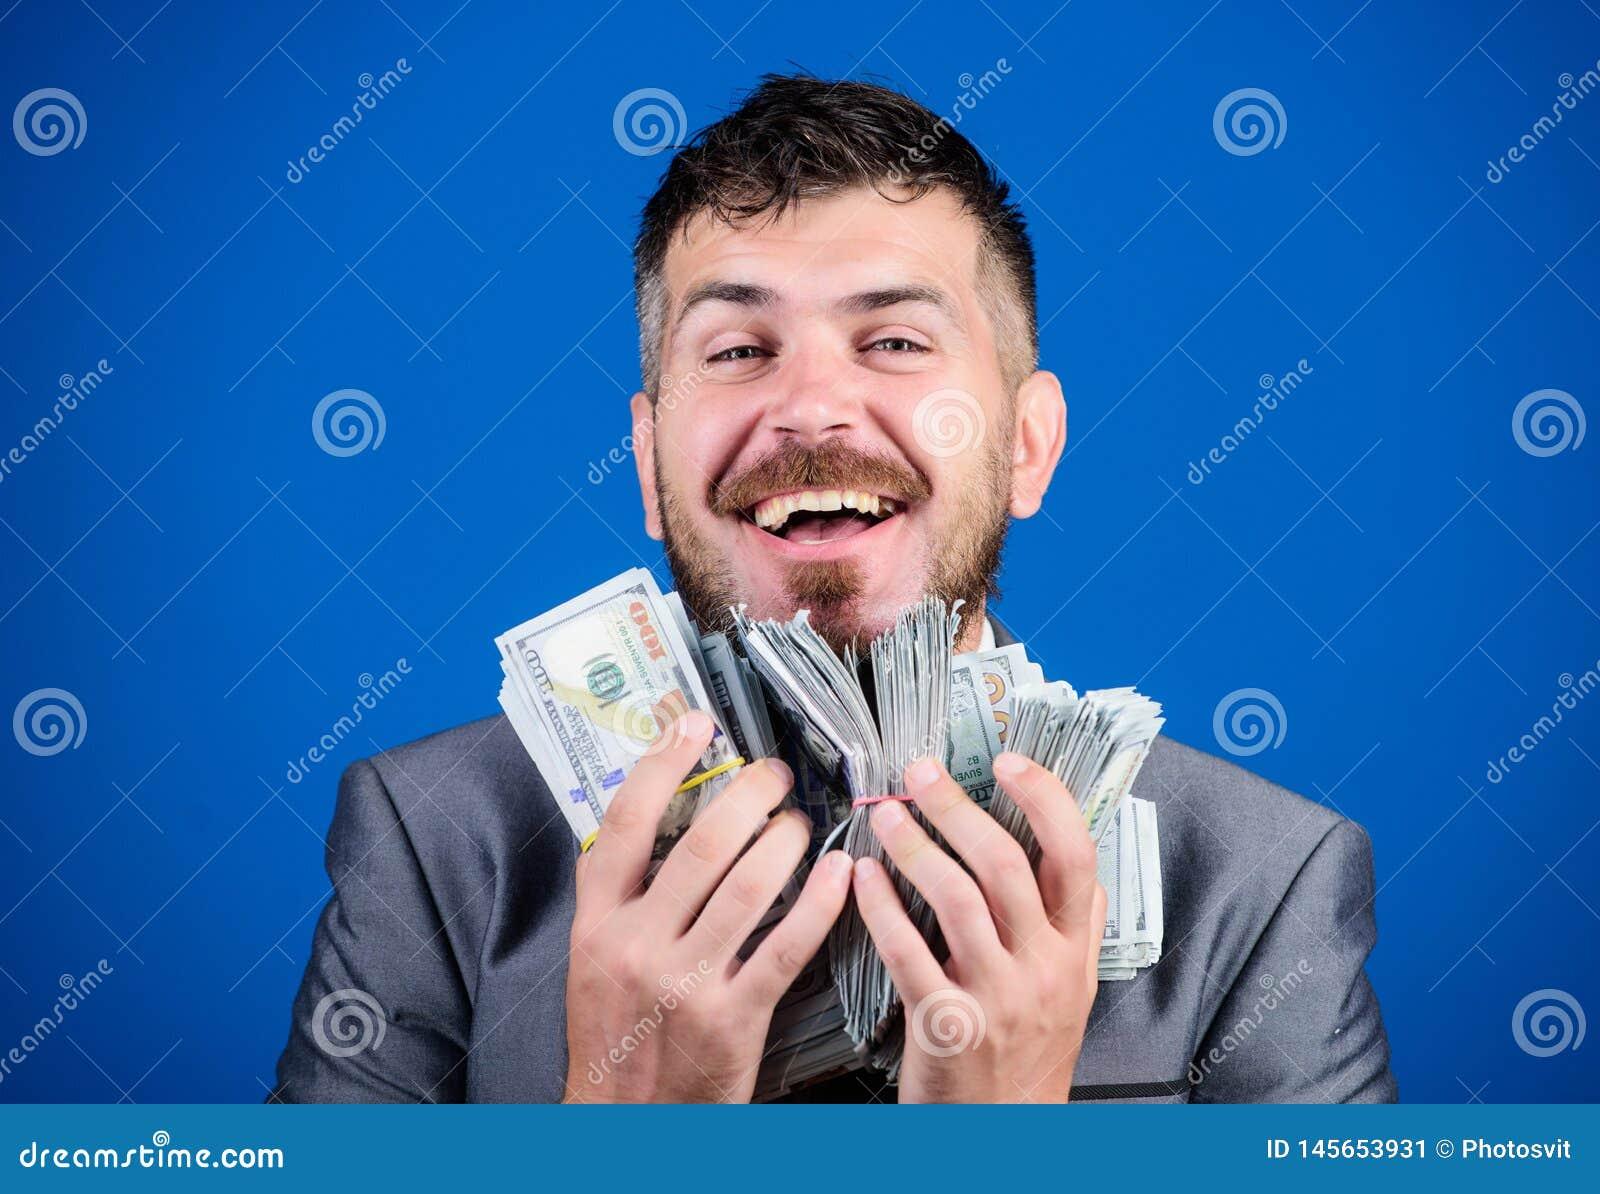 Как раз зарабатывать деньги бизнесмен после большего дела Финансы и коммерция счастливый бородатый человек имеет много деньги r